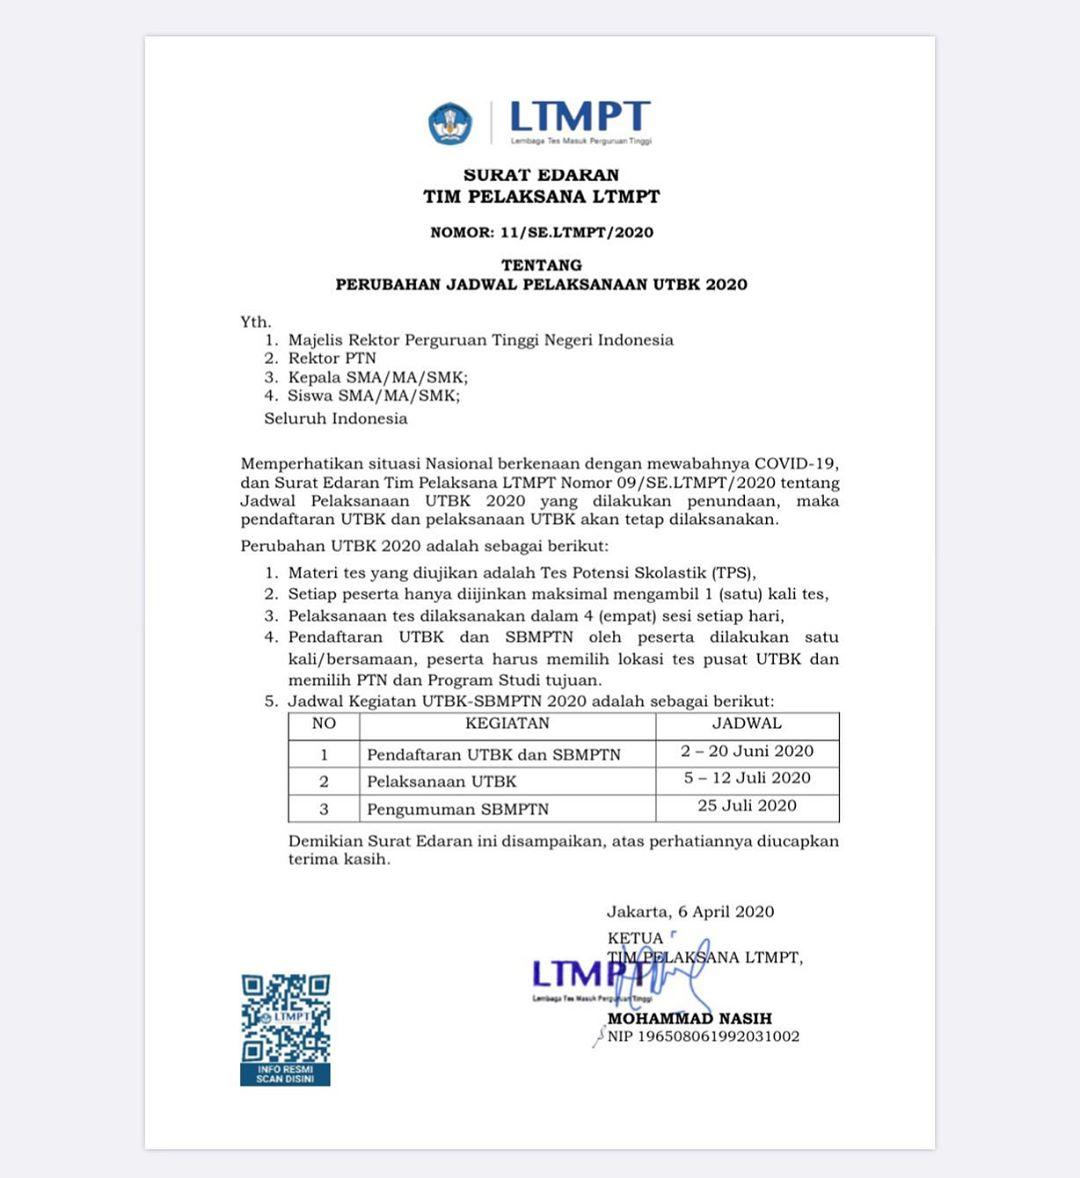 Surat Edaran Ltmpt untuk UTBK